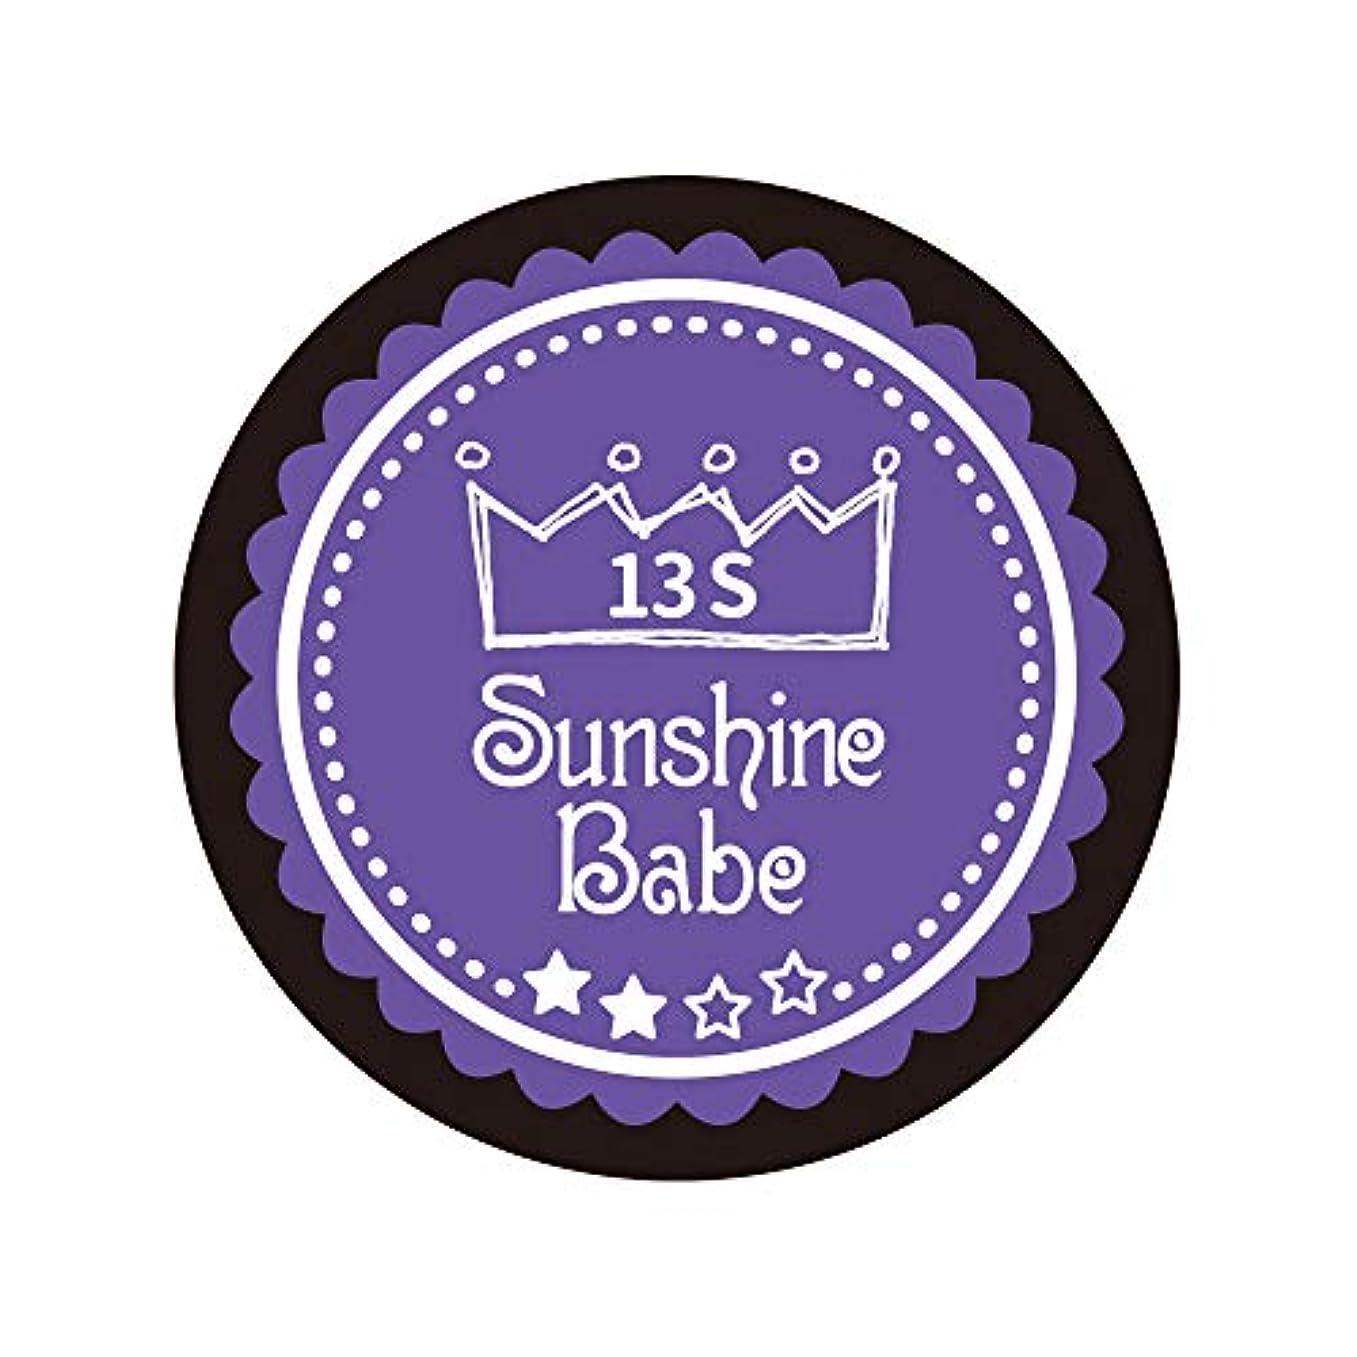 つなぐ生まれ郡Sunshine Babe コスメティックカラー 13S ウルトラバイオレット 4g UV/LED対応